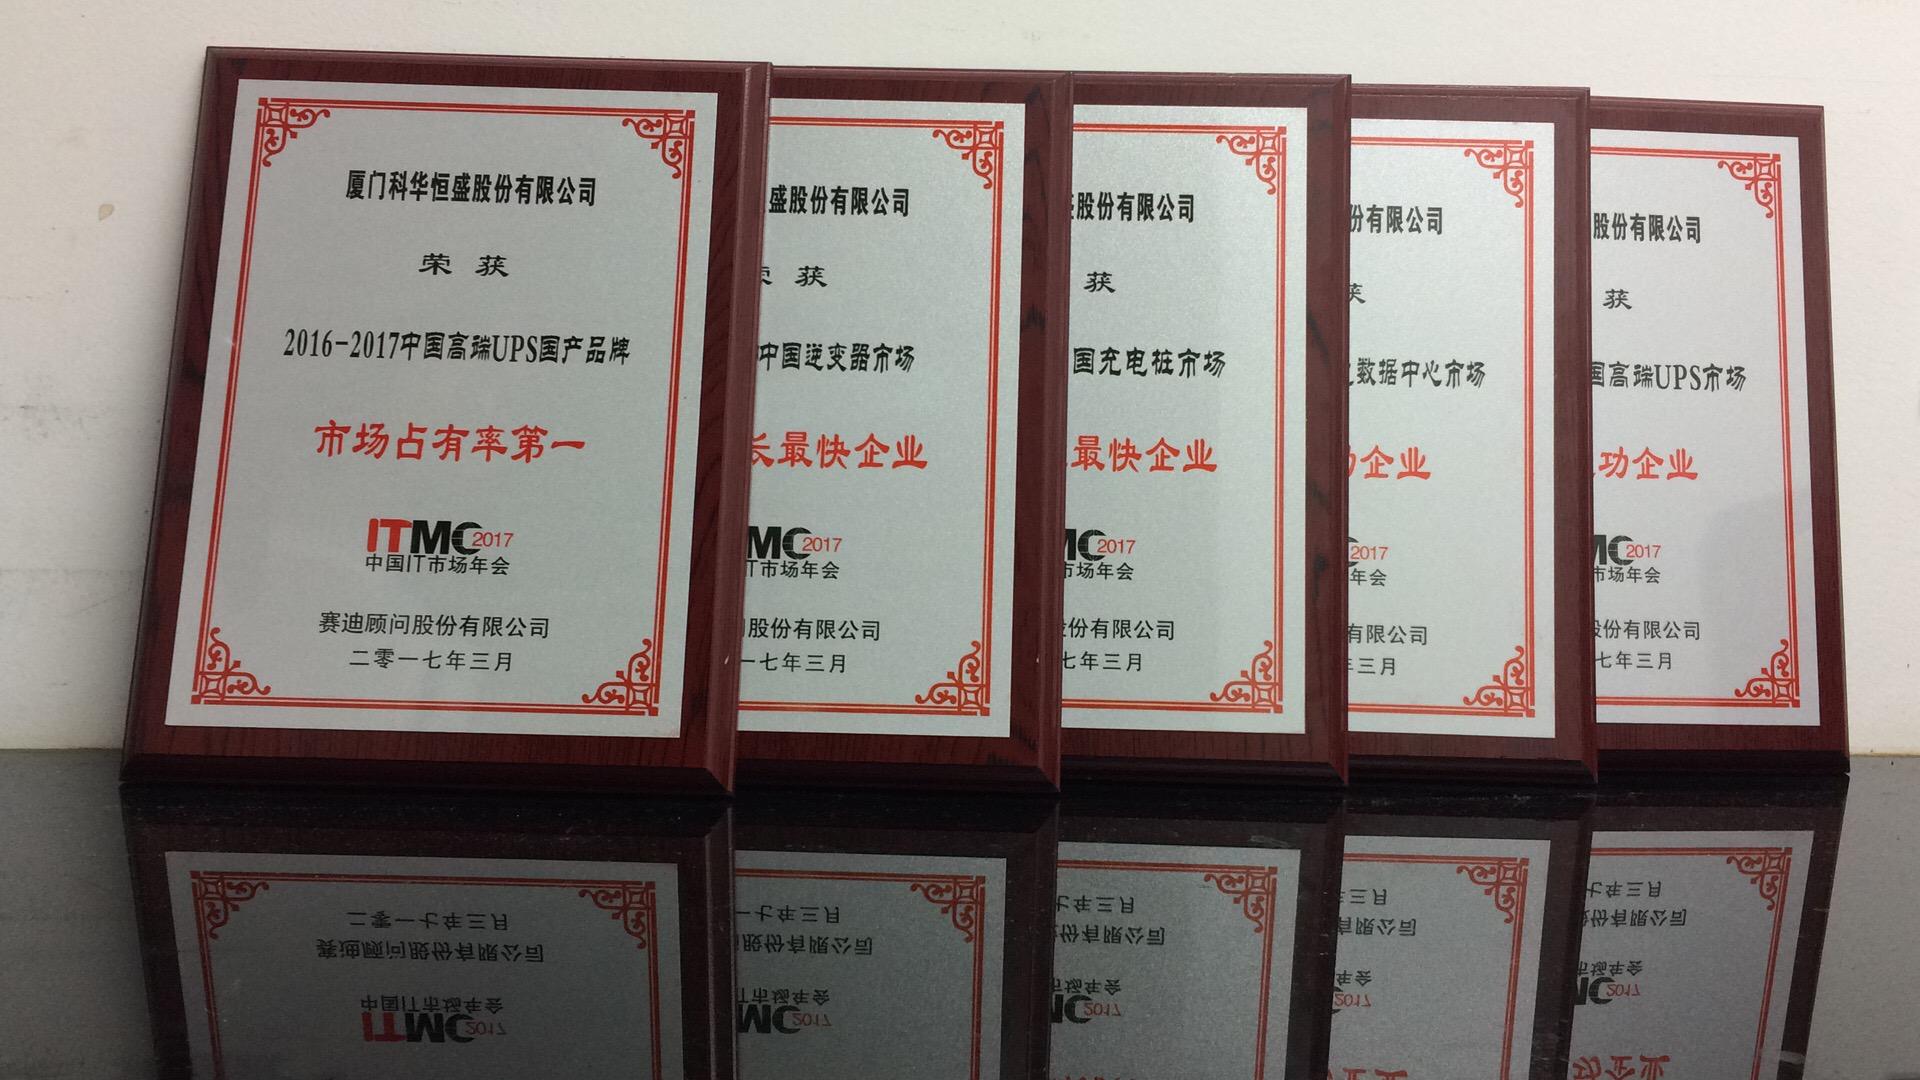 """""""一体两翼""""加速腾飞,科华恒盛包揽2017中国IT市场年会五项大奖"""